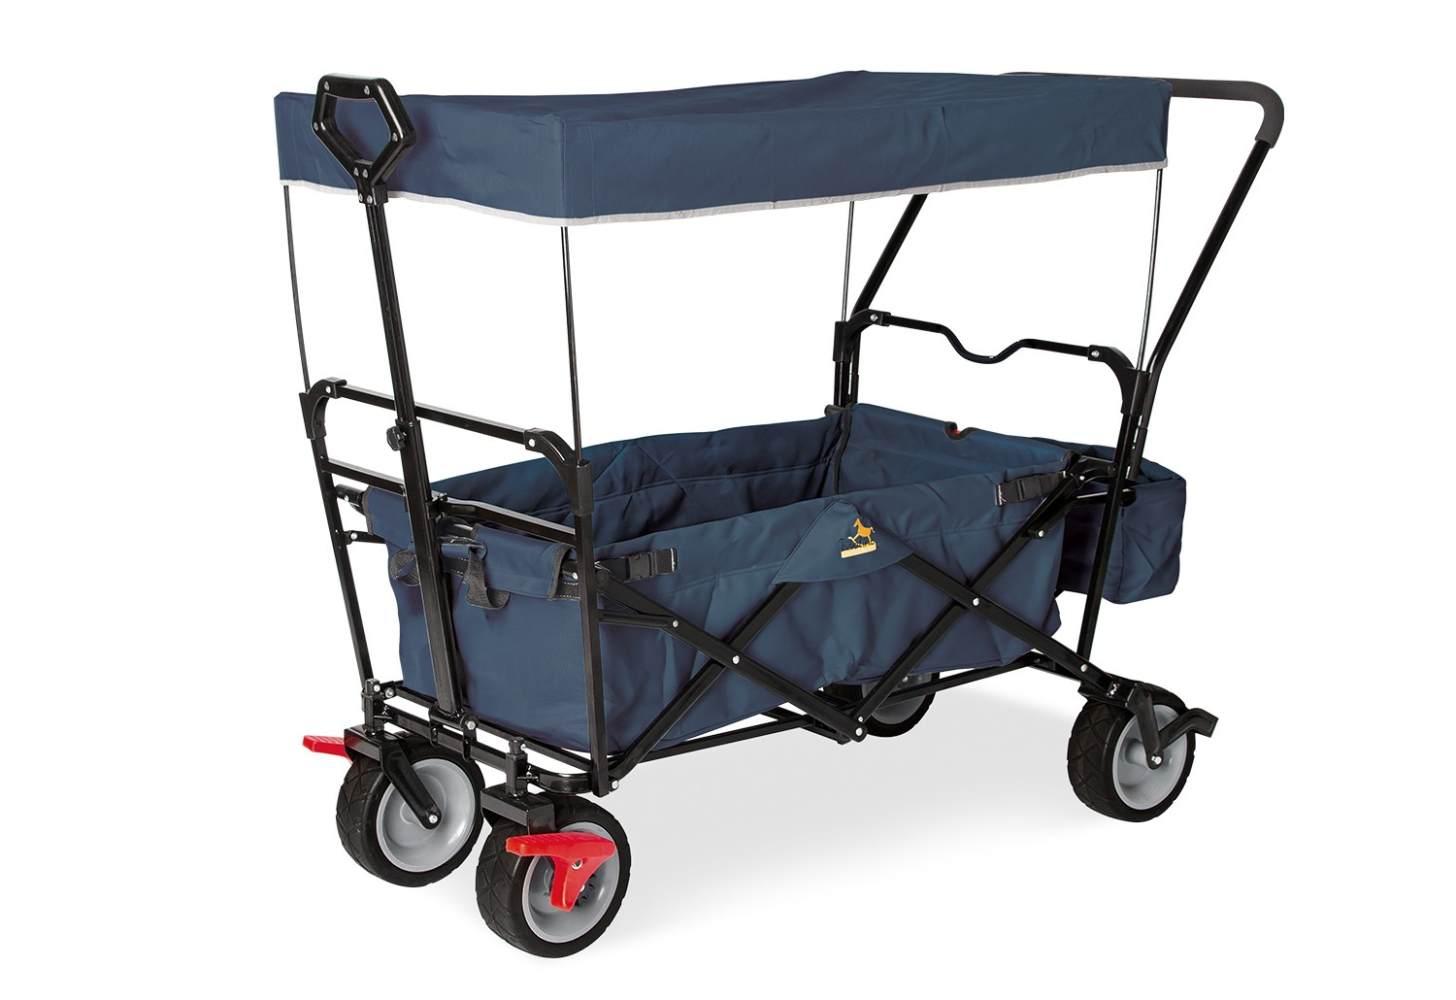 Pinolino 'Paxi dlx Comfort' Klappbollerwagen in Marineblau, inkl. Feststellbremse, Sonnendach, Hecktasche und Schiebegriff Bild 1